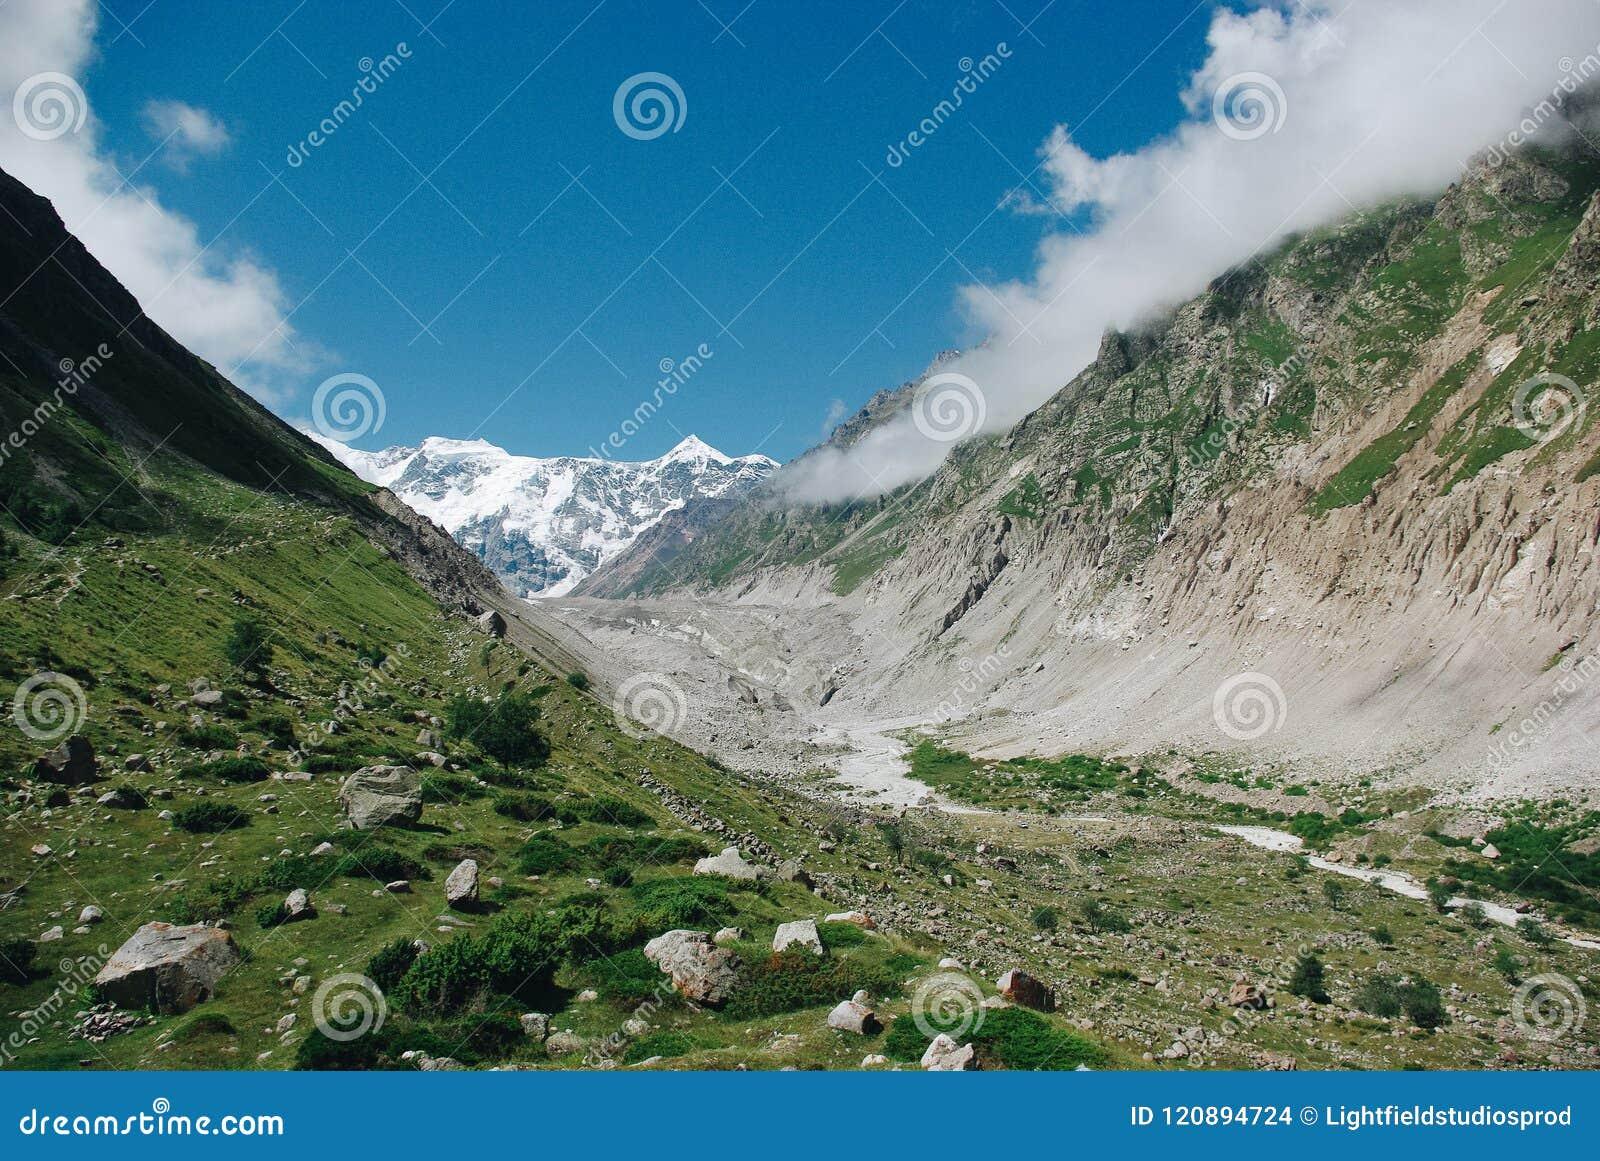 Piękny wąwóz w zielonym góra regionie, federacja rosyjska, Kaukaz,